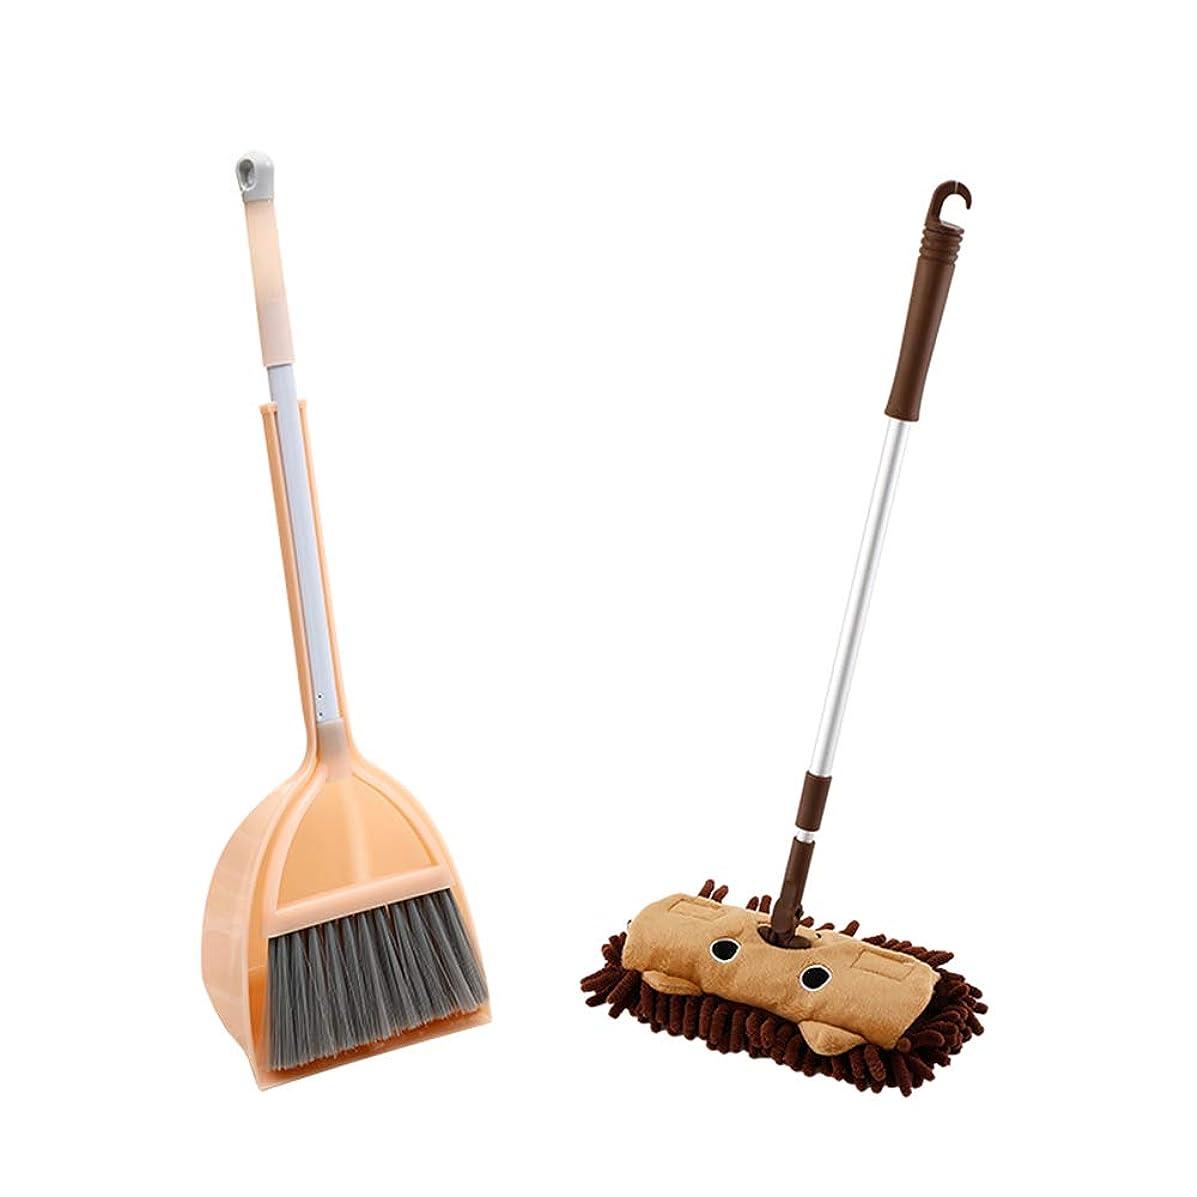 マークされた時々時々ジャーナルFirlar ままごと用家事グッズ 教育玩具 子供用 クリーニングツール 家庭用おもちゃ ワイパー モップ 箒 ブラシ 清掃用具 男女共用